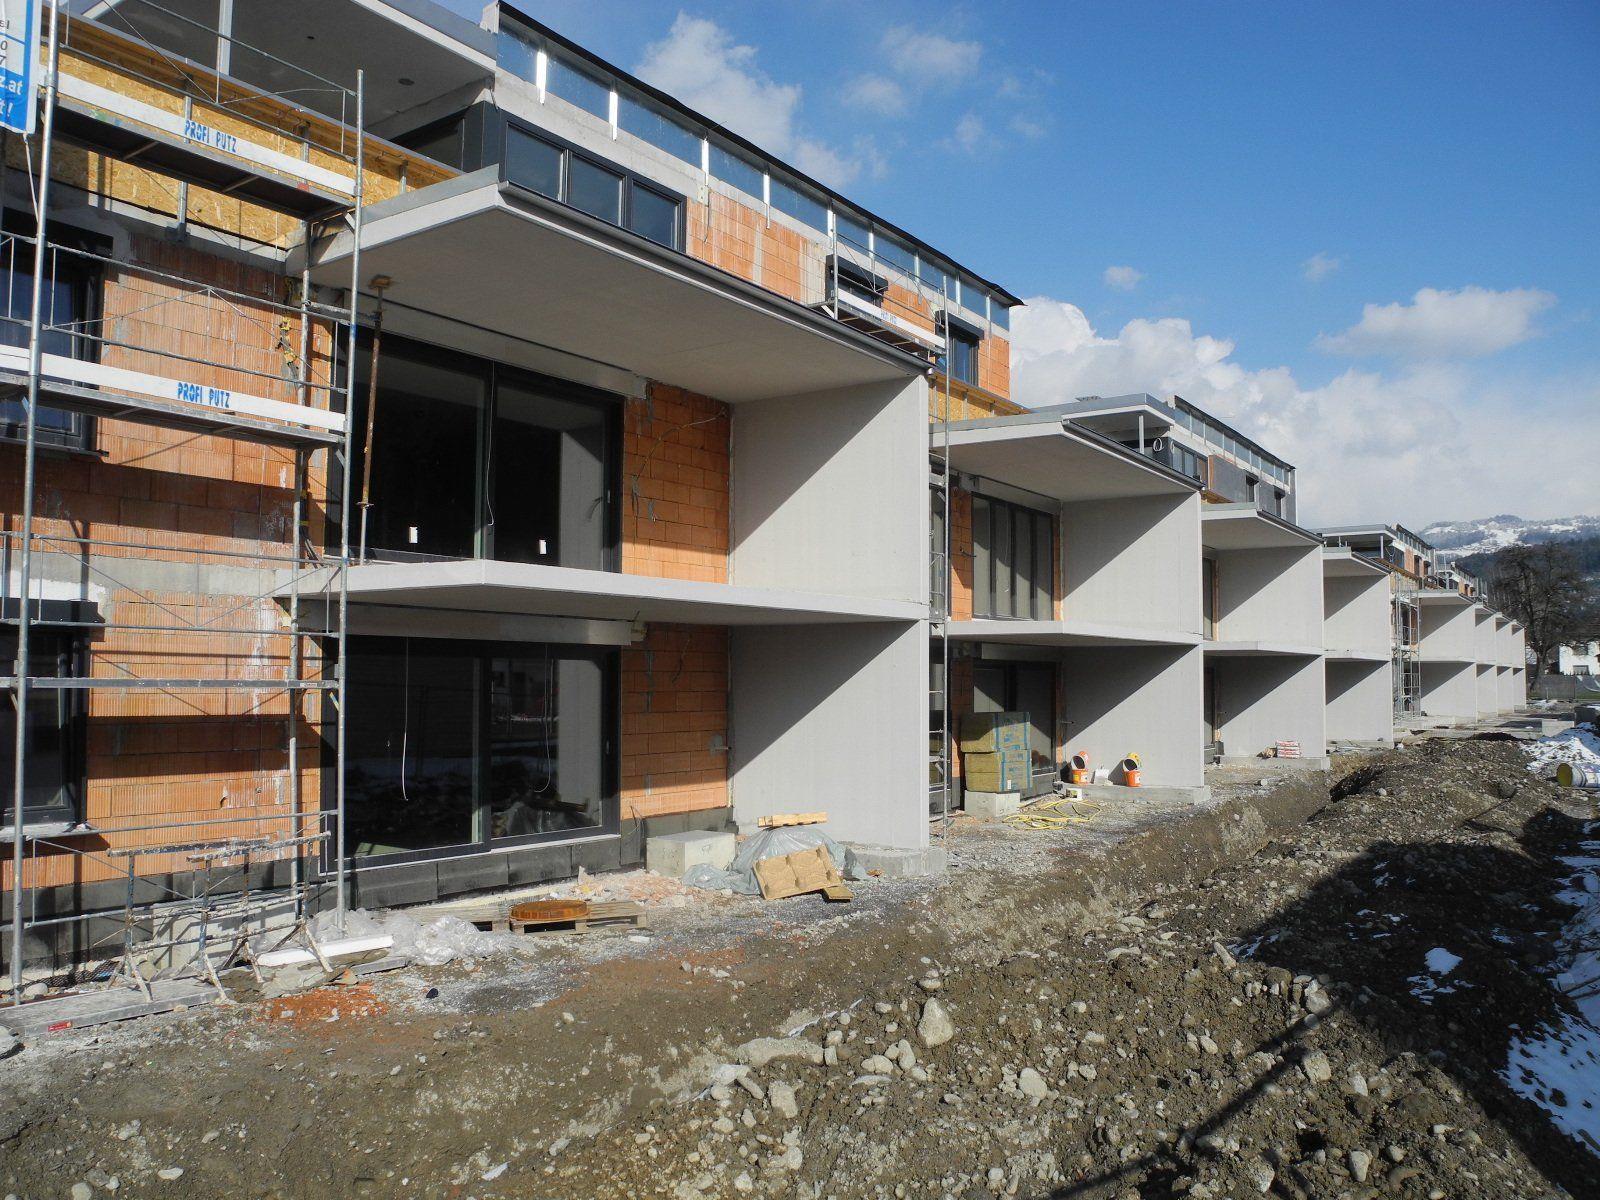 Die neue Wohnanlage im Feldkircher Grenzweg ist bis im Herbst bezugsfertig